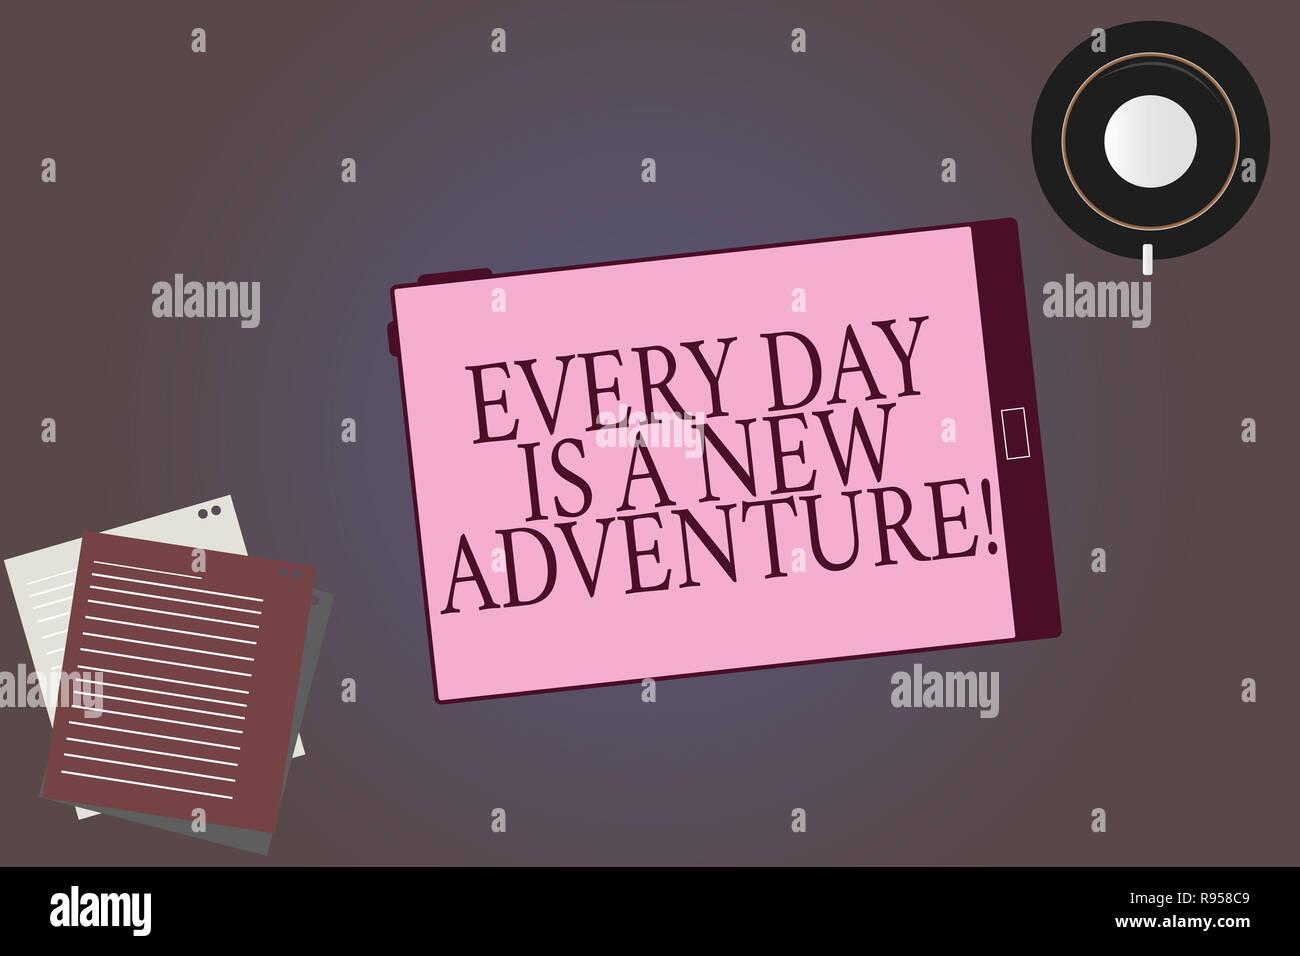 Escritura a mano conceptual mostrando cada día es una nueva aventura. Exhibición fotográfica de negocios Comience su día con positivismo motivación salsa pantalla tableta Imagen De Stock